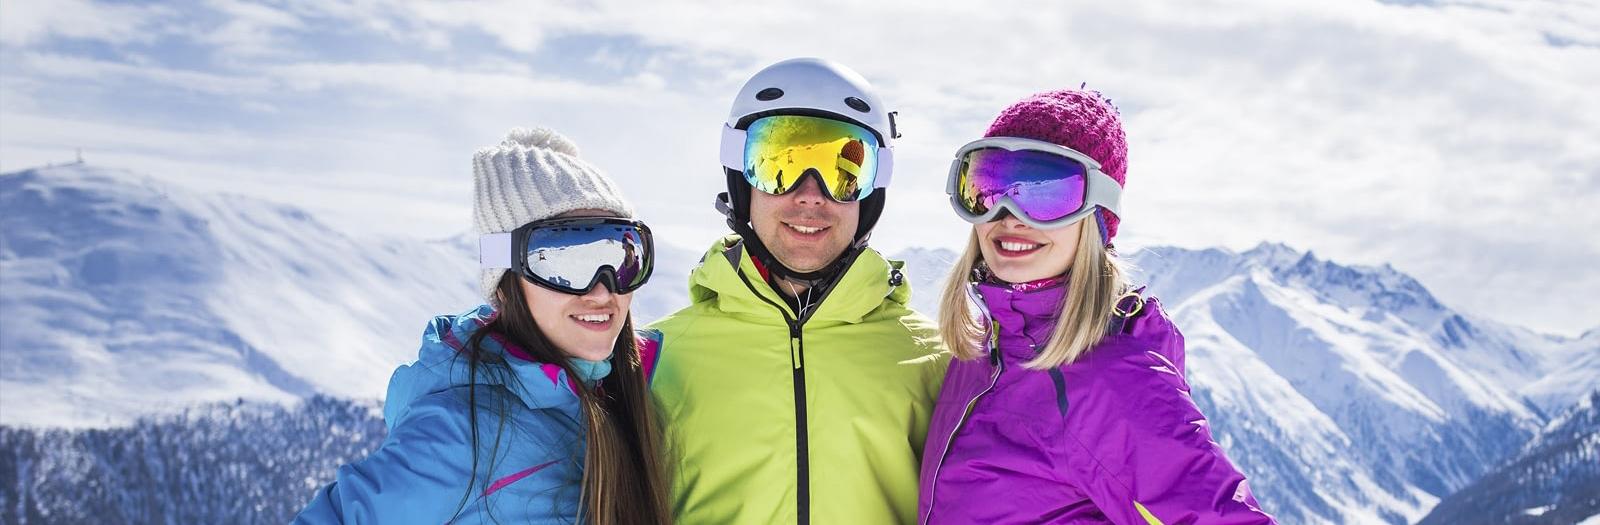 Ski.com careers, Ski.com jobs, Ski.com hiring, work at Ski.com, ski travel sales, ski travel marketing,